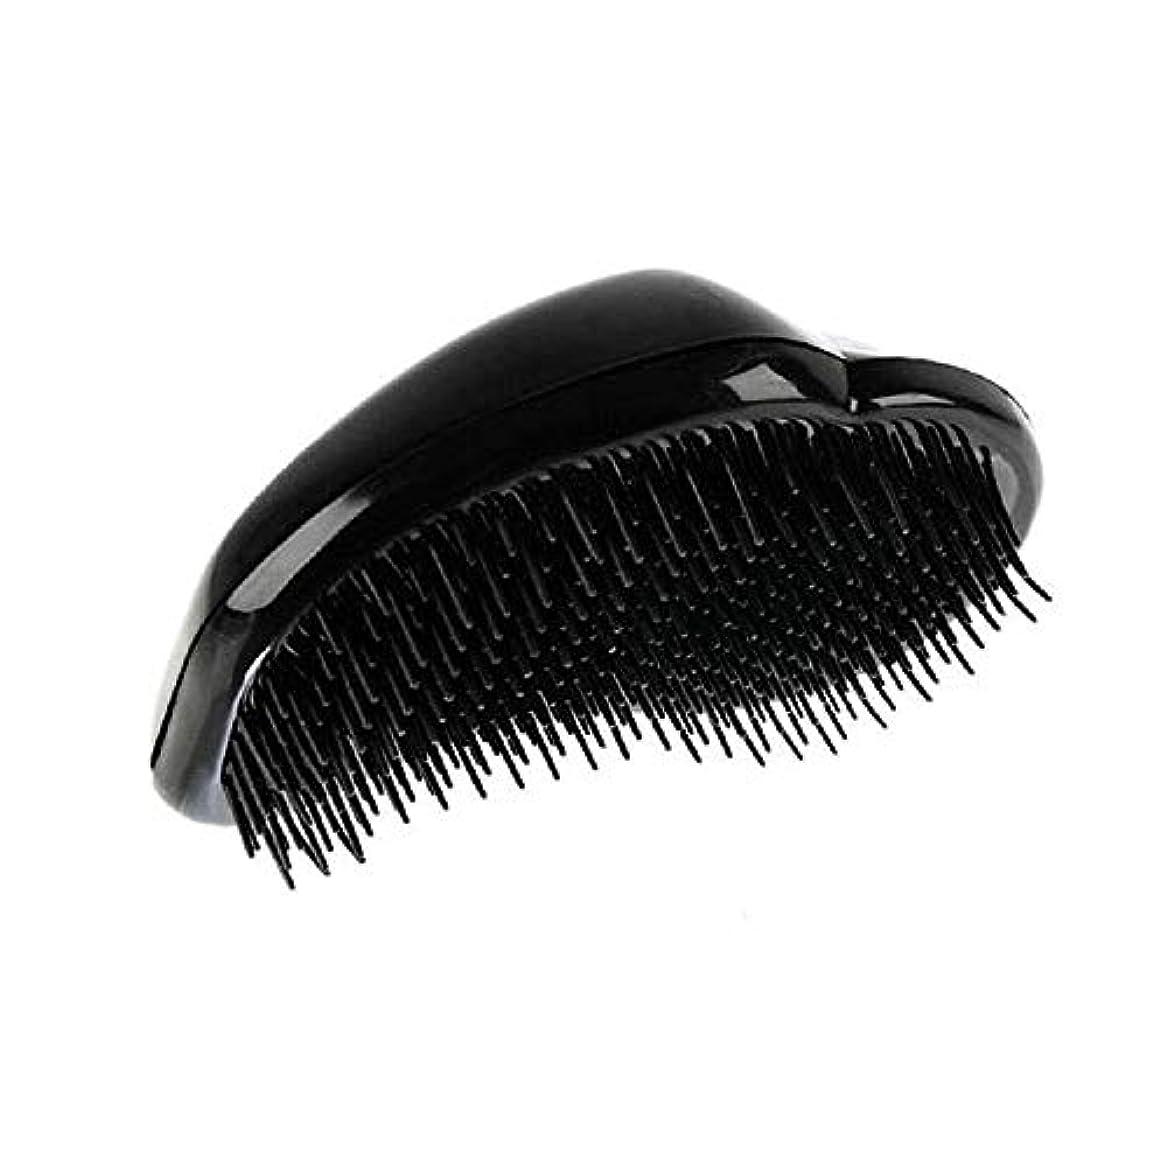 病院番号ペッカディロ1st market 黒のプラスチック製の髪の櫛理髪の櫛の女性のエアバッグの櫛のマッサージの櫛のヘアブラシ帯電防止デタングルの櫛パーフェクト軽量ポケットサイズ1ピース耐久性と便利